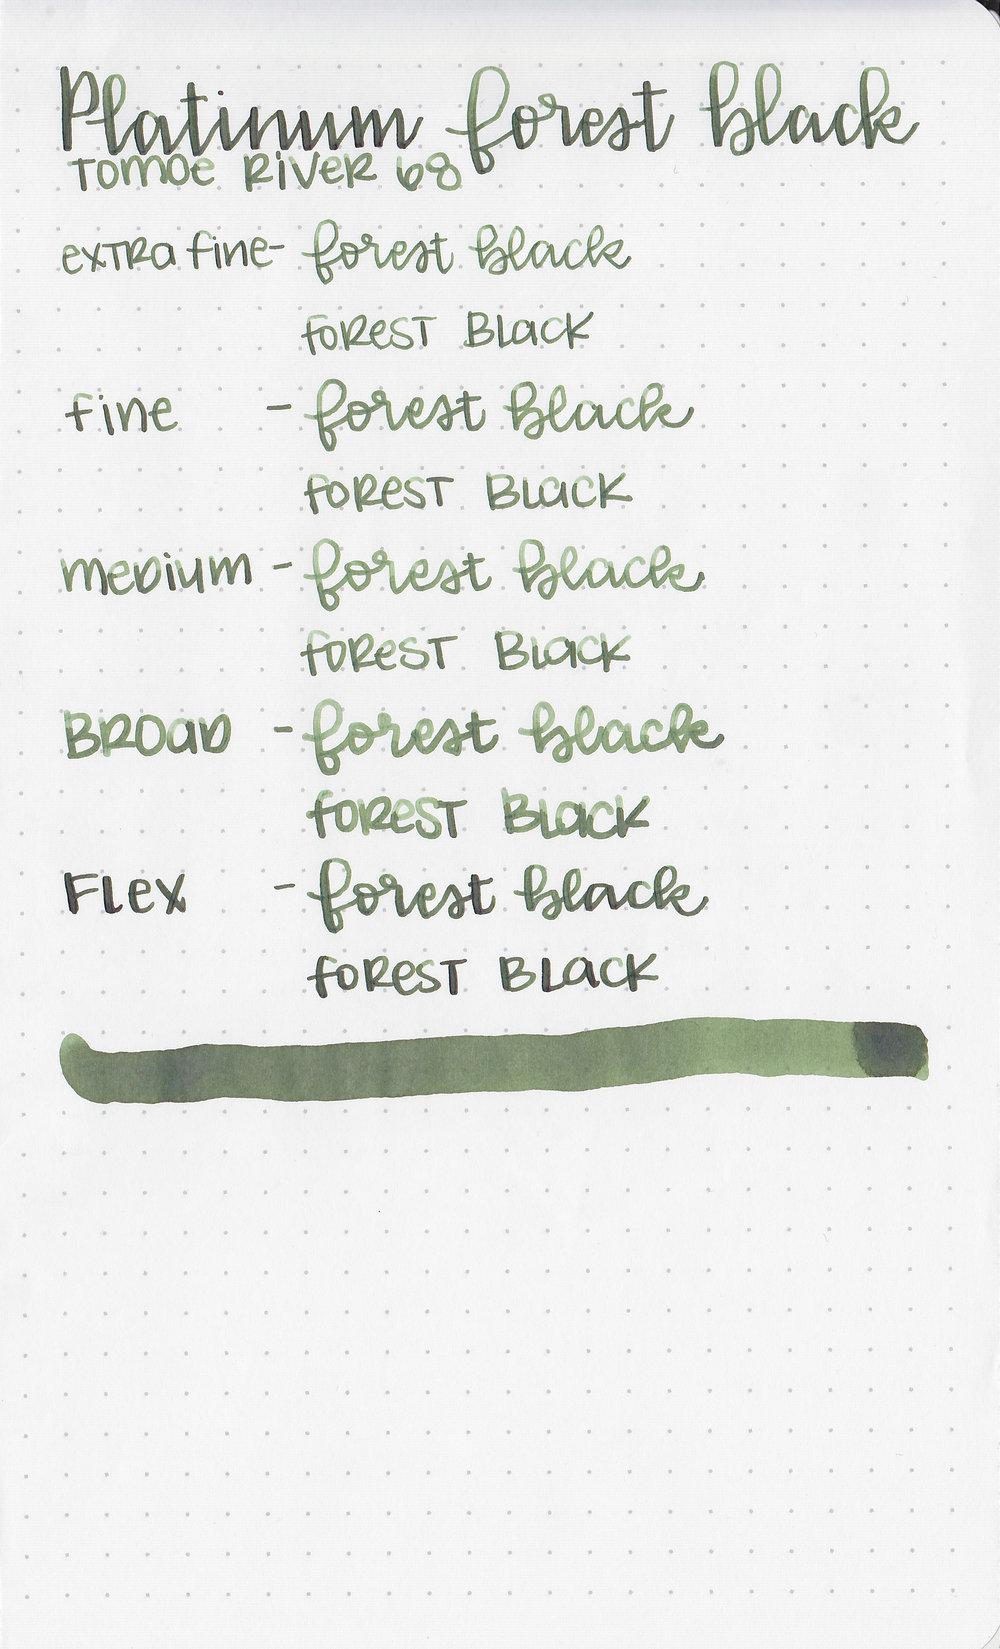 pl-forest-black-5.jpg